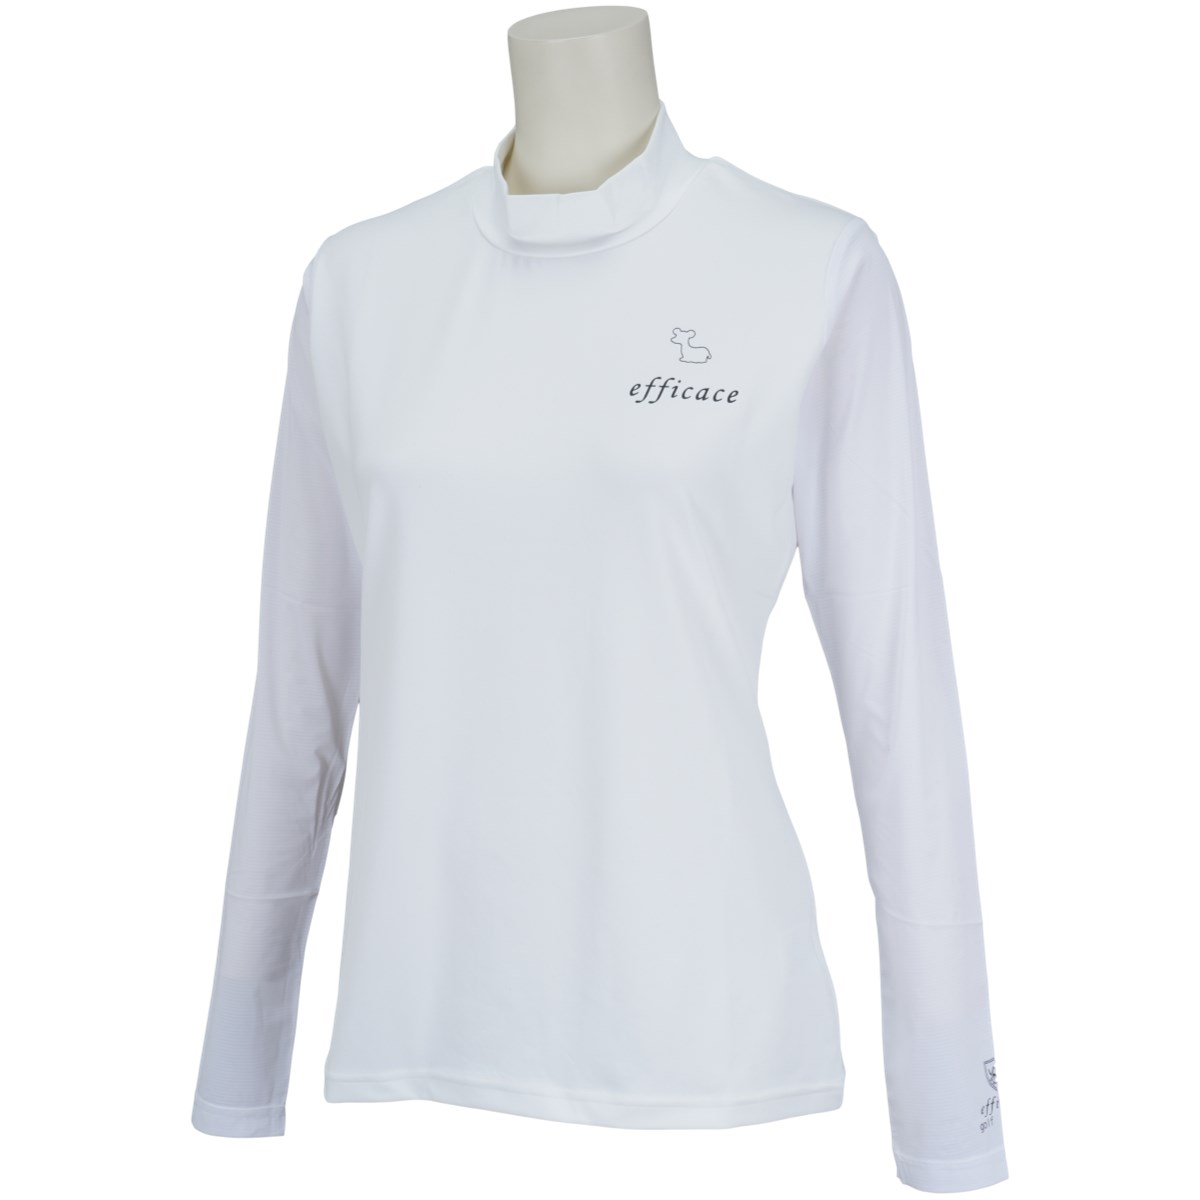 エフィカス efficace アイススキンスリーブモックネック 長袖インナーシャツ S ホワイト/ホワイト レディス